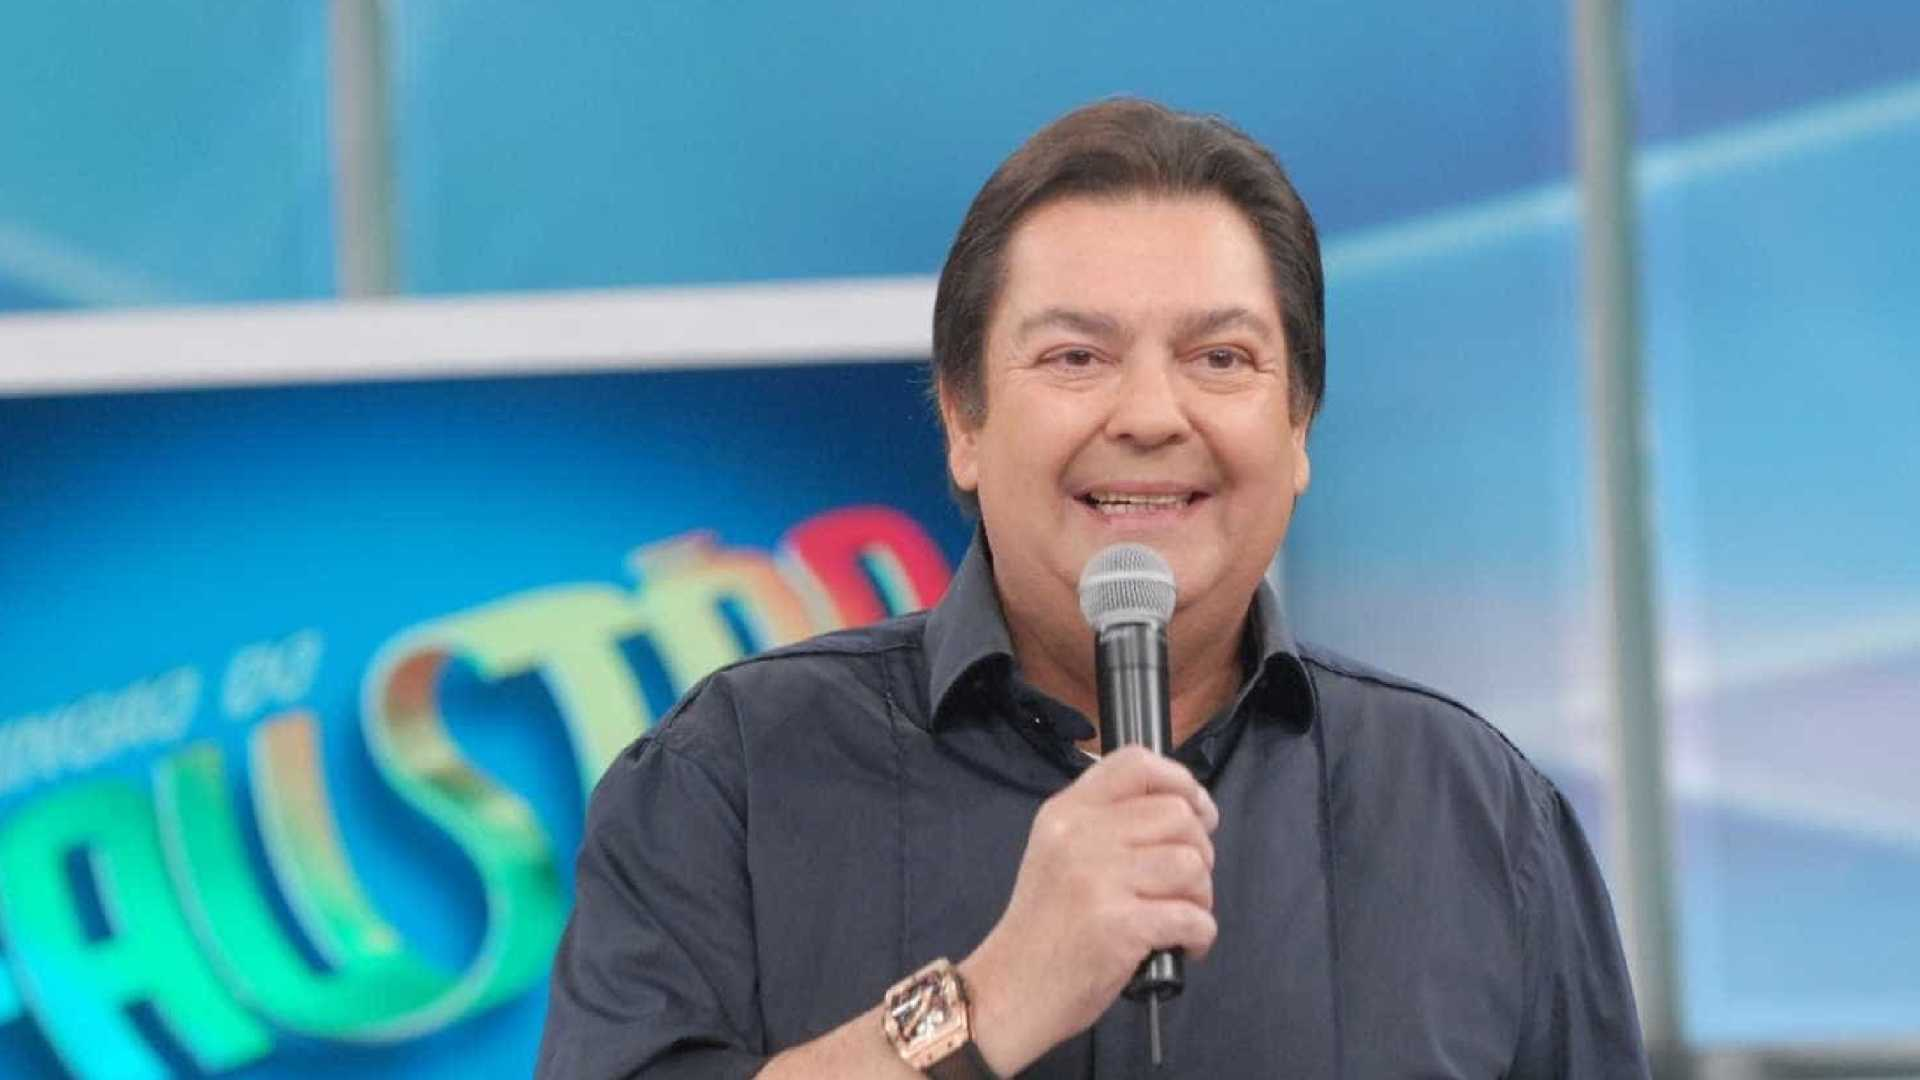 Ao grande apresentador Fausto Silva